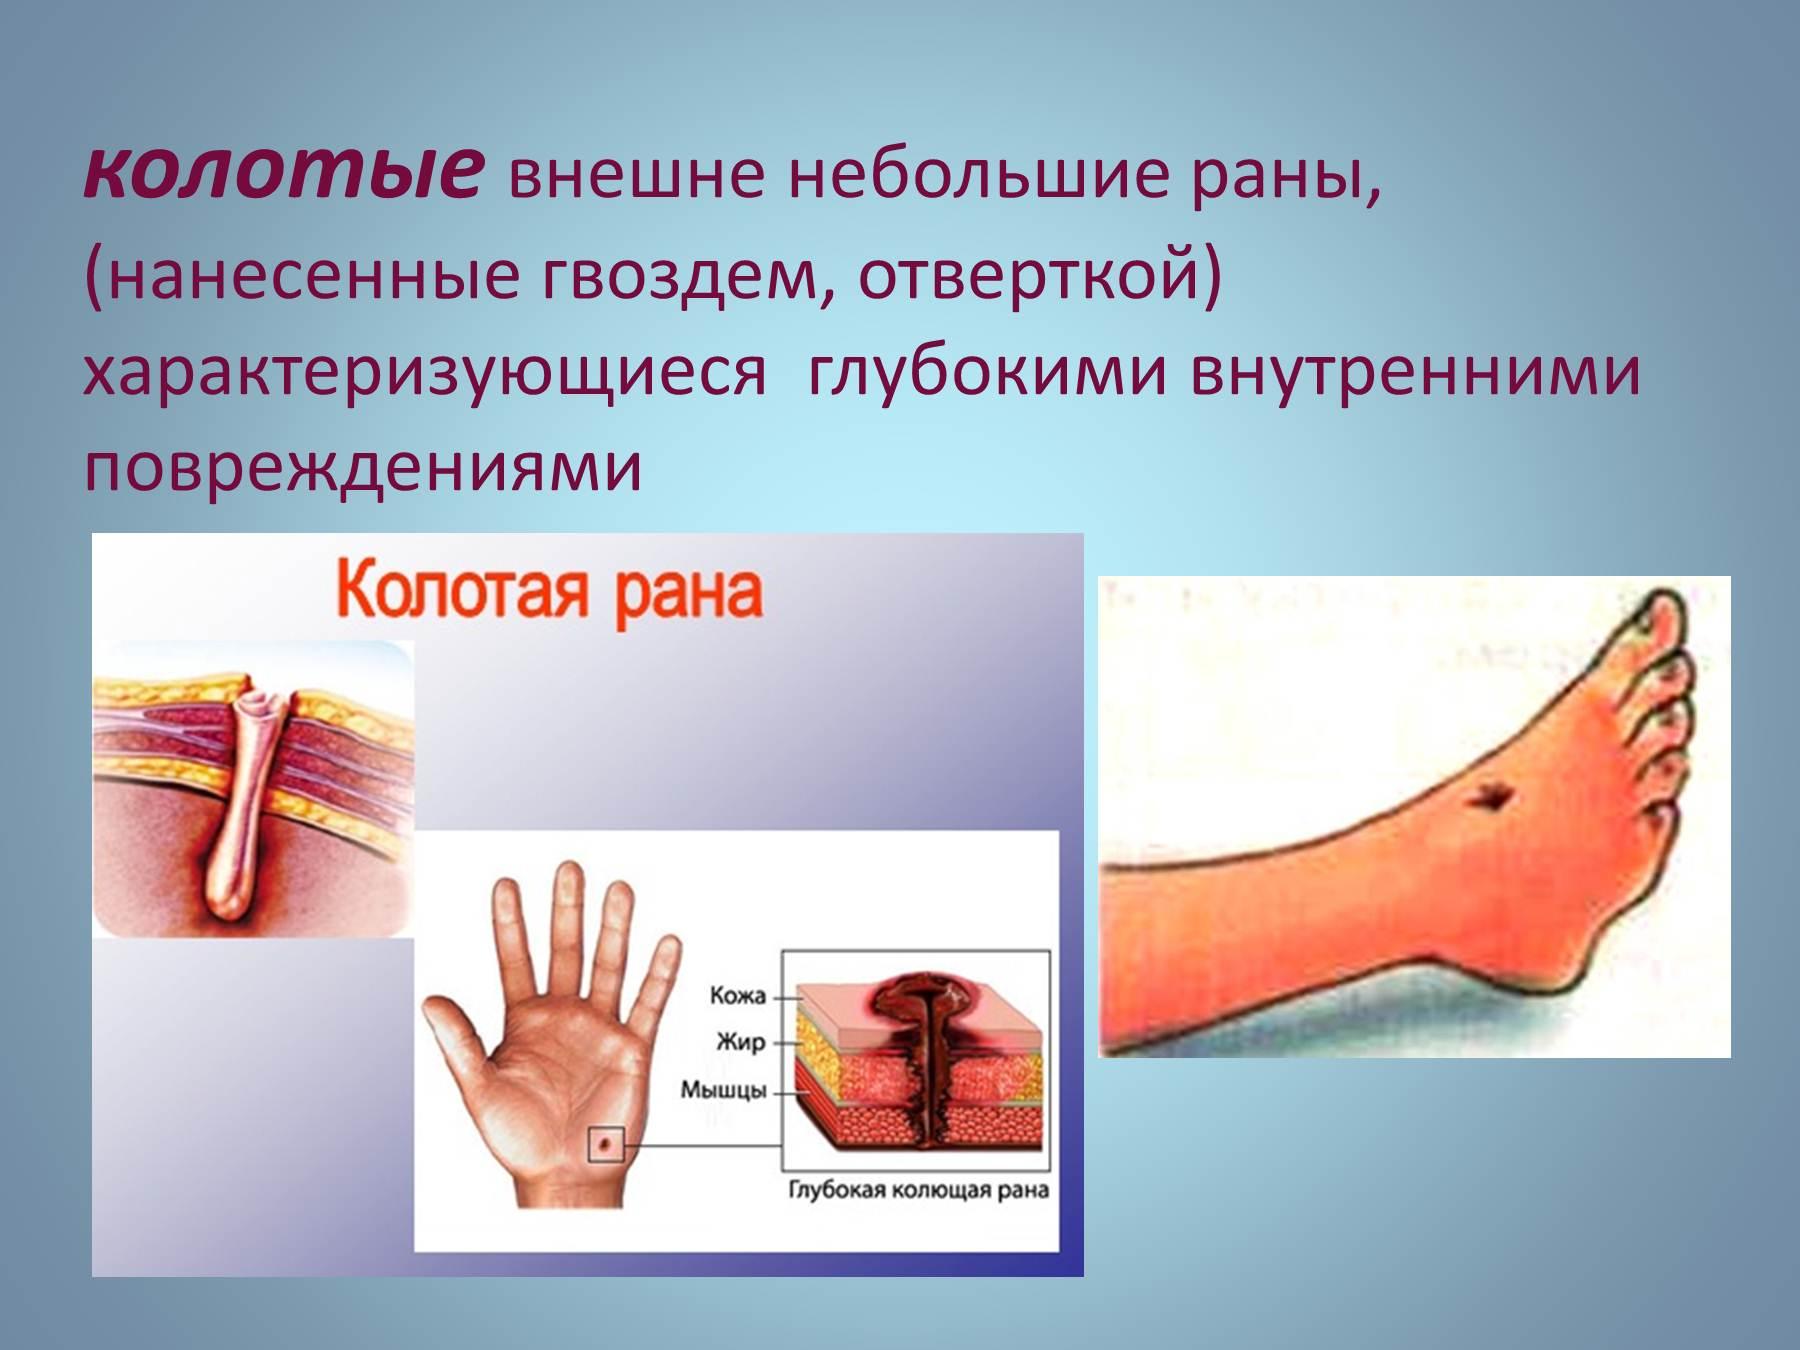 Травма от шила